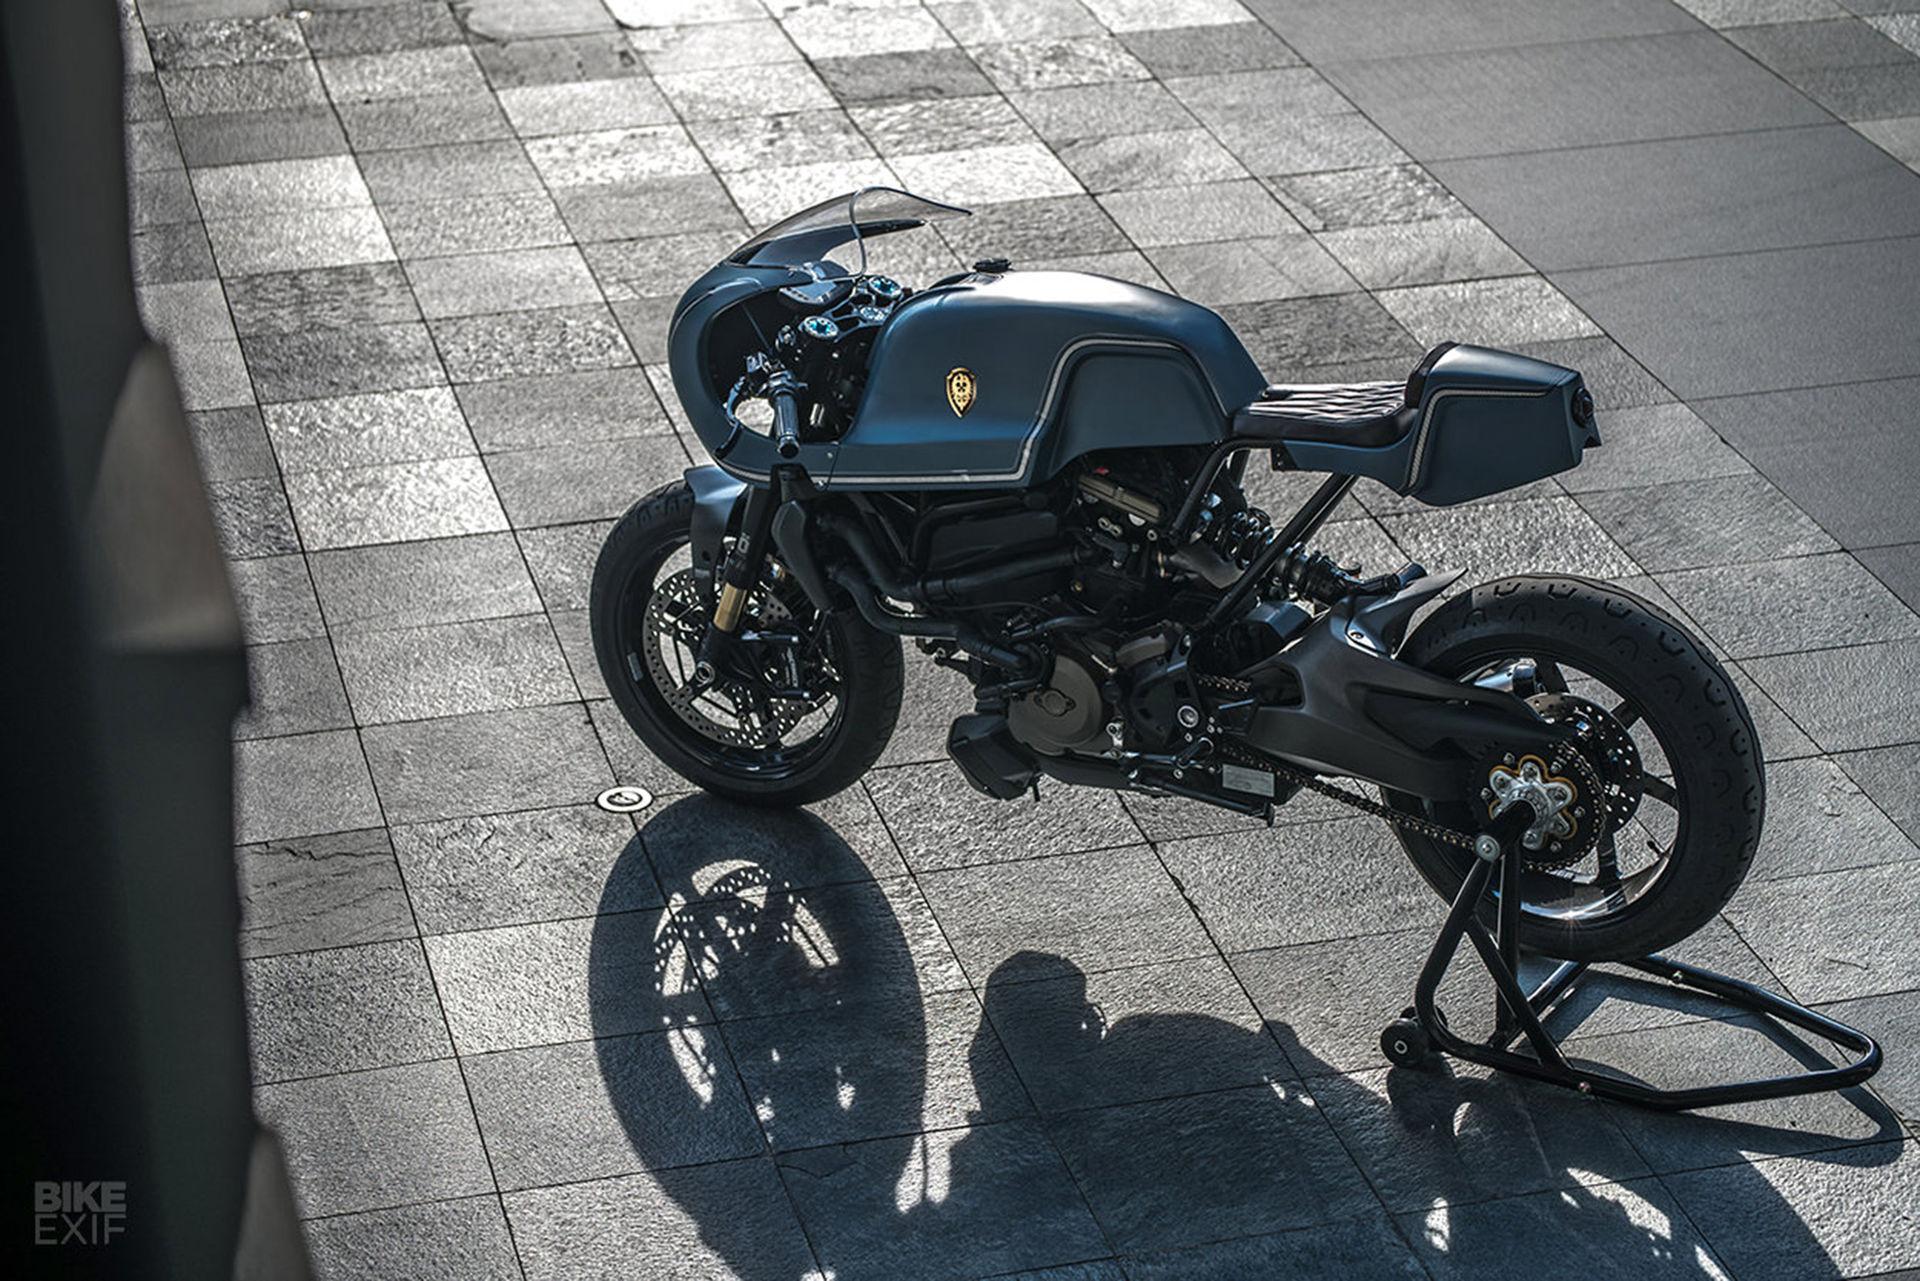 Hård caféracer baserad på Ducati Monster 1200 S